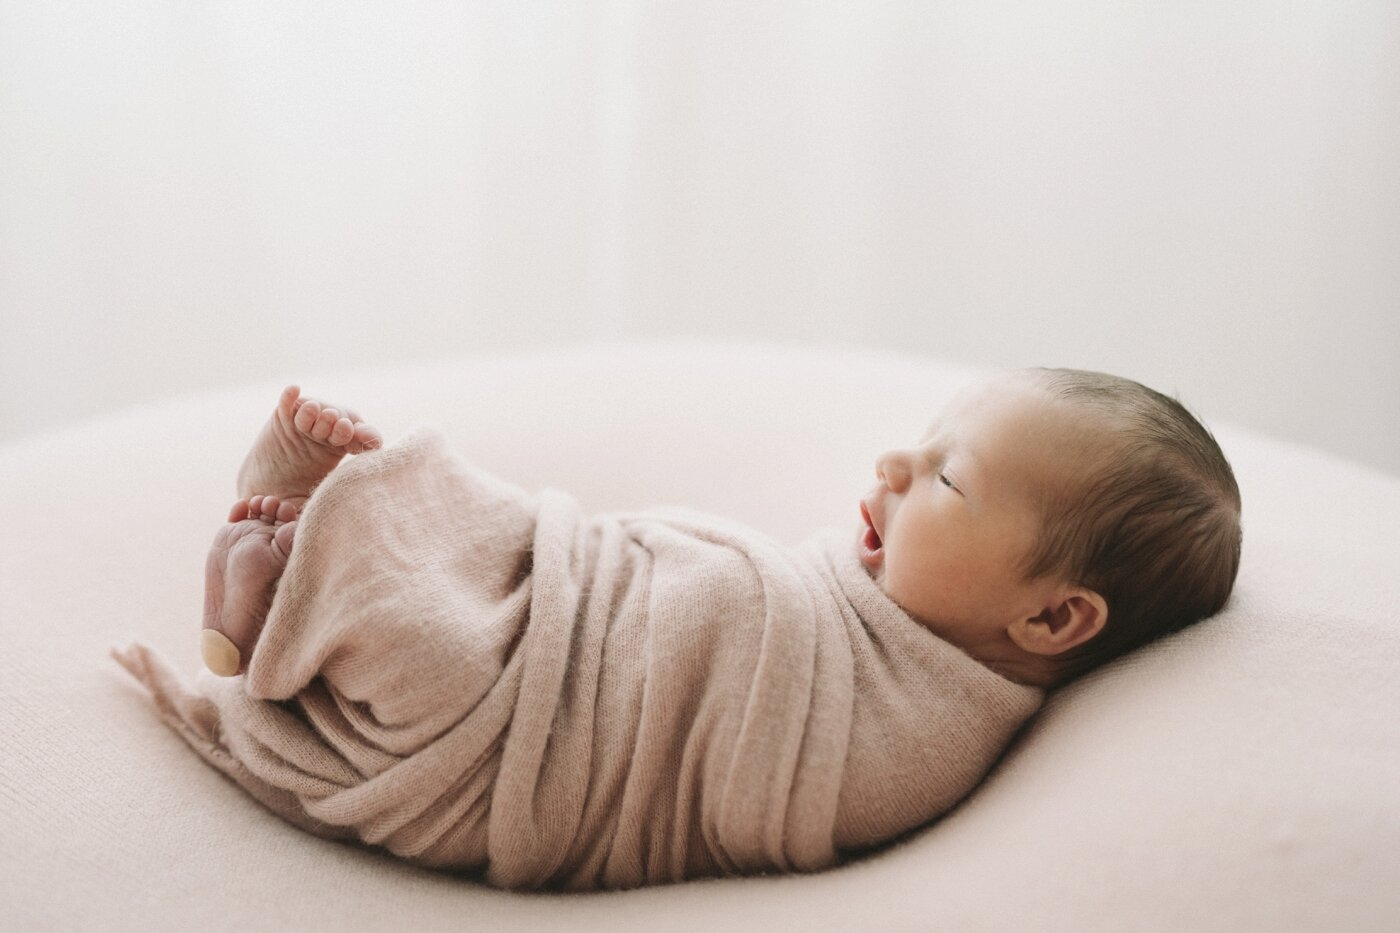 Baby Rosie - Natural Newborn Photography in Adelaide - Simple and Beautiful Newborn Photography - Katherine Schultz - Natural Light Newborn Photographer in Adelaide - www.katherineschultzphotography.com_0014.jpg